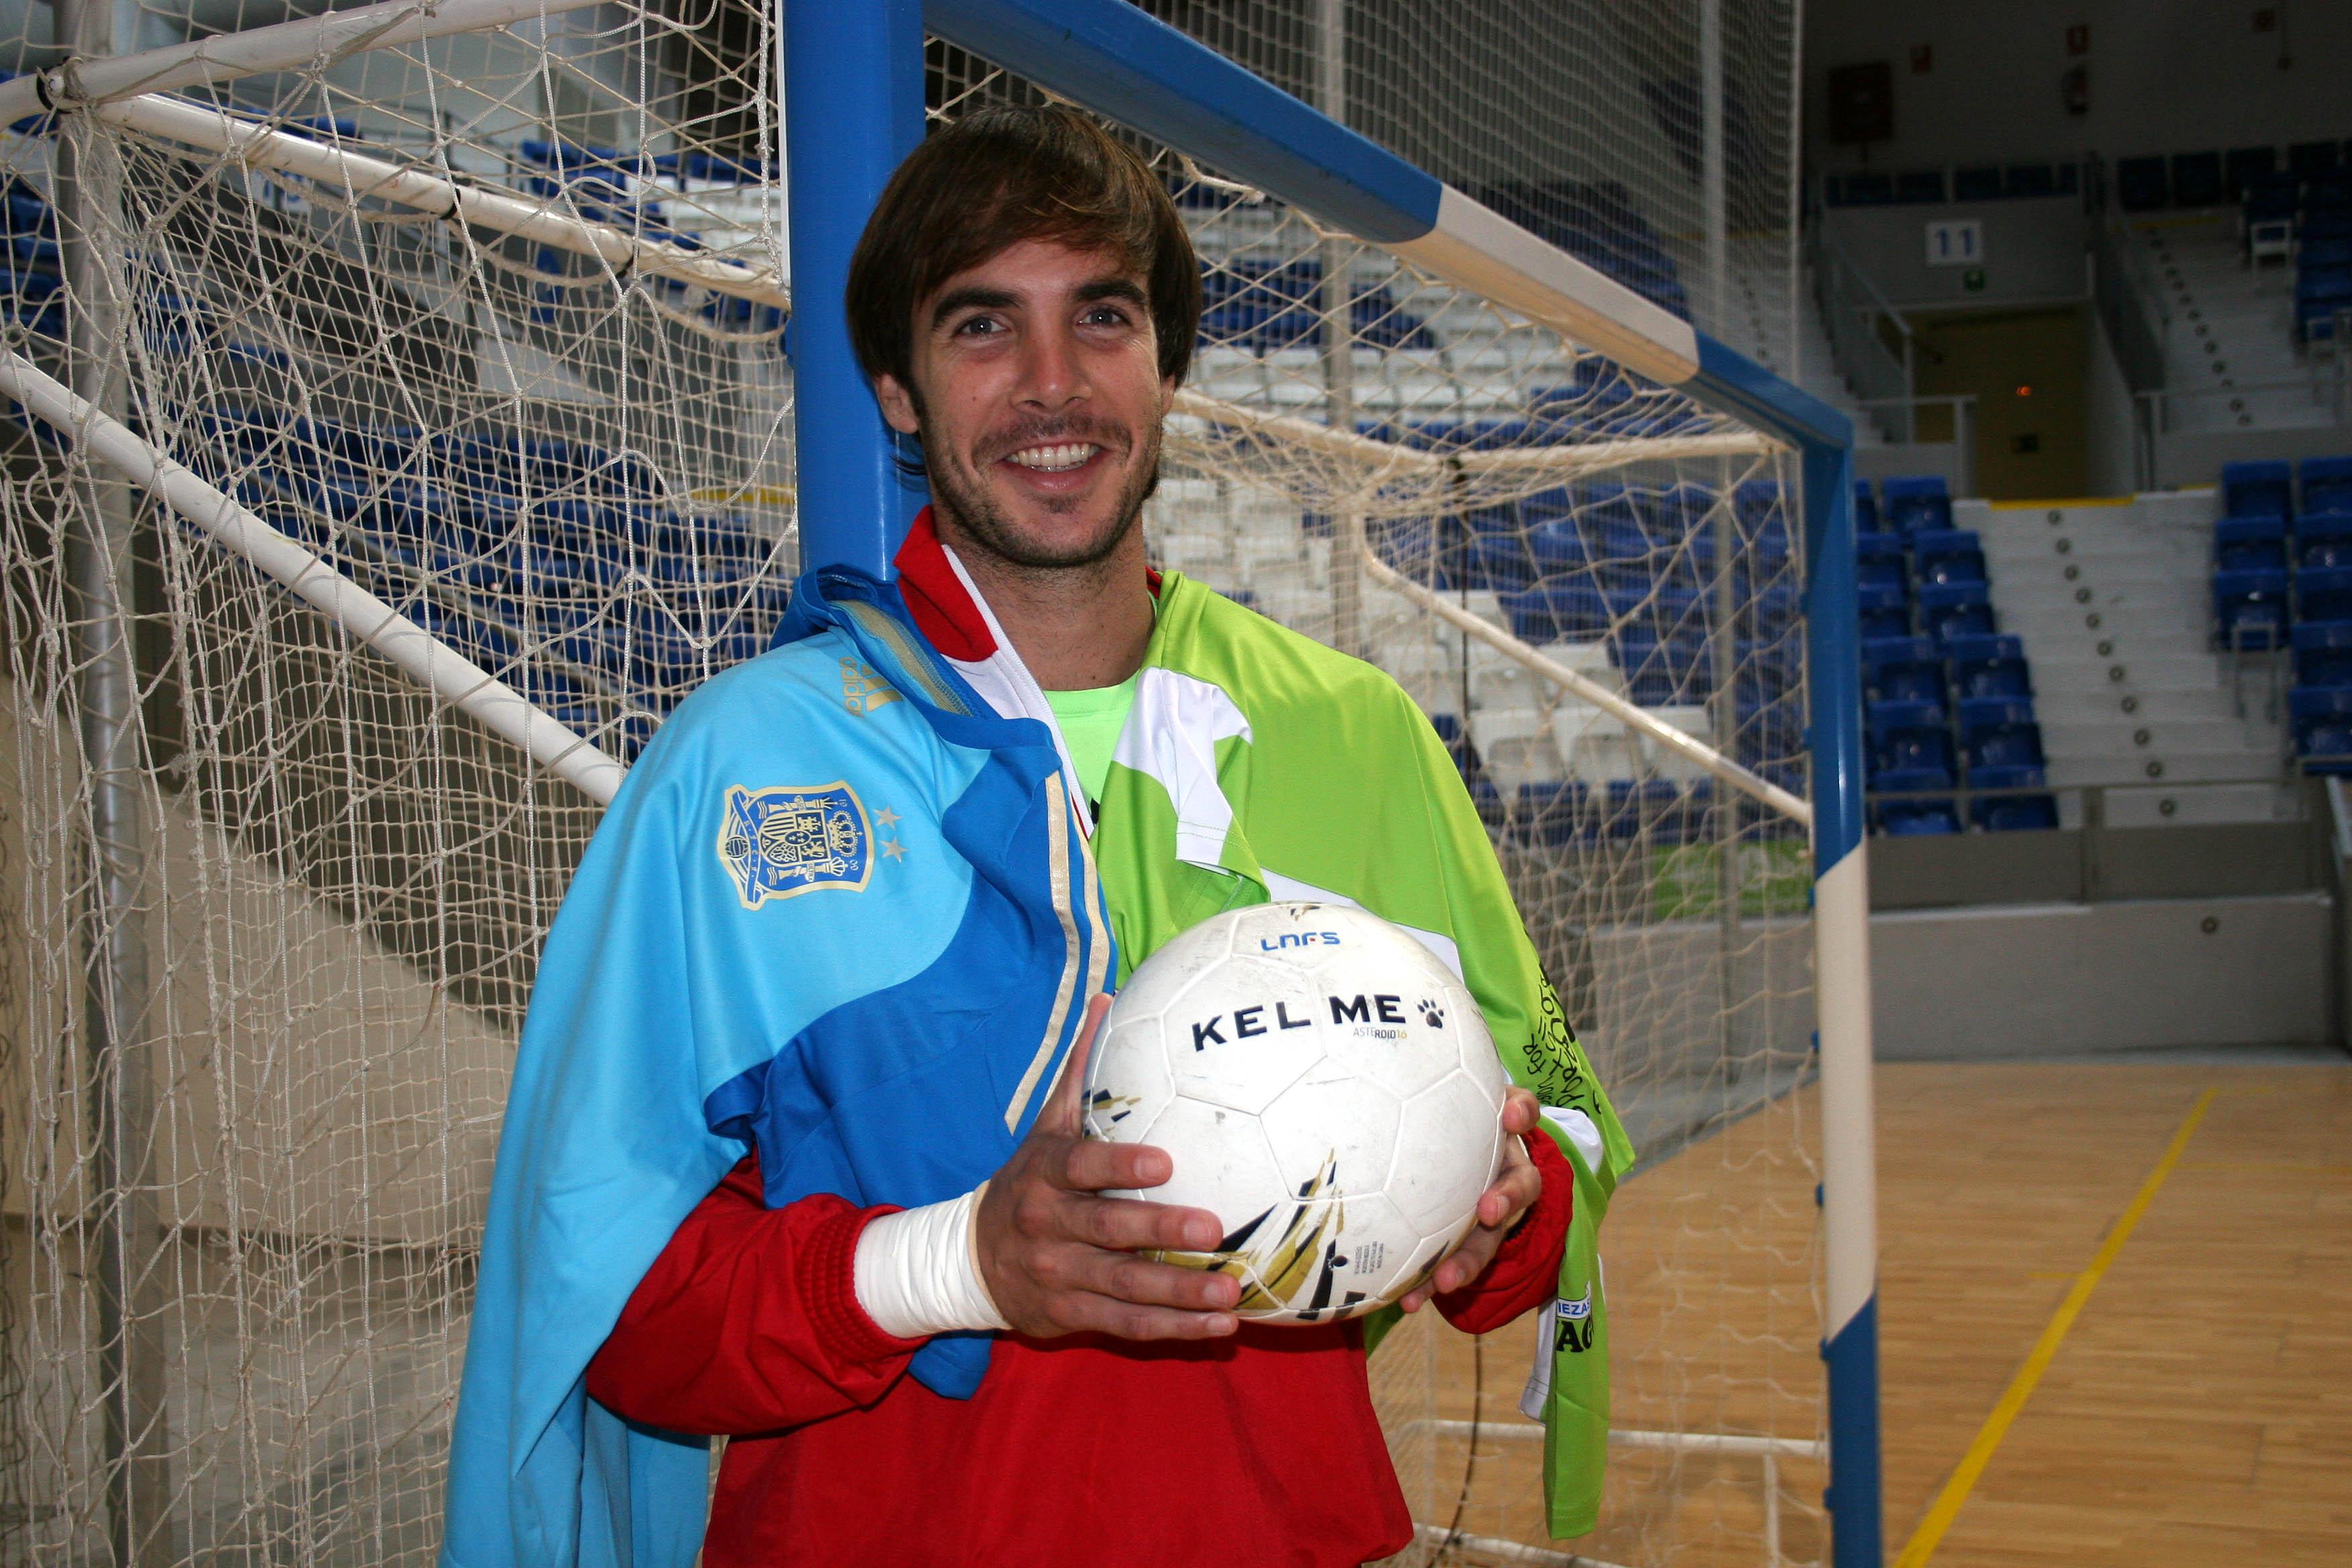 Carlos-Barrón-posa-en-Son-Moix-con-las-camiseta-del-Palma-Futsal-y-de-España-6